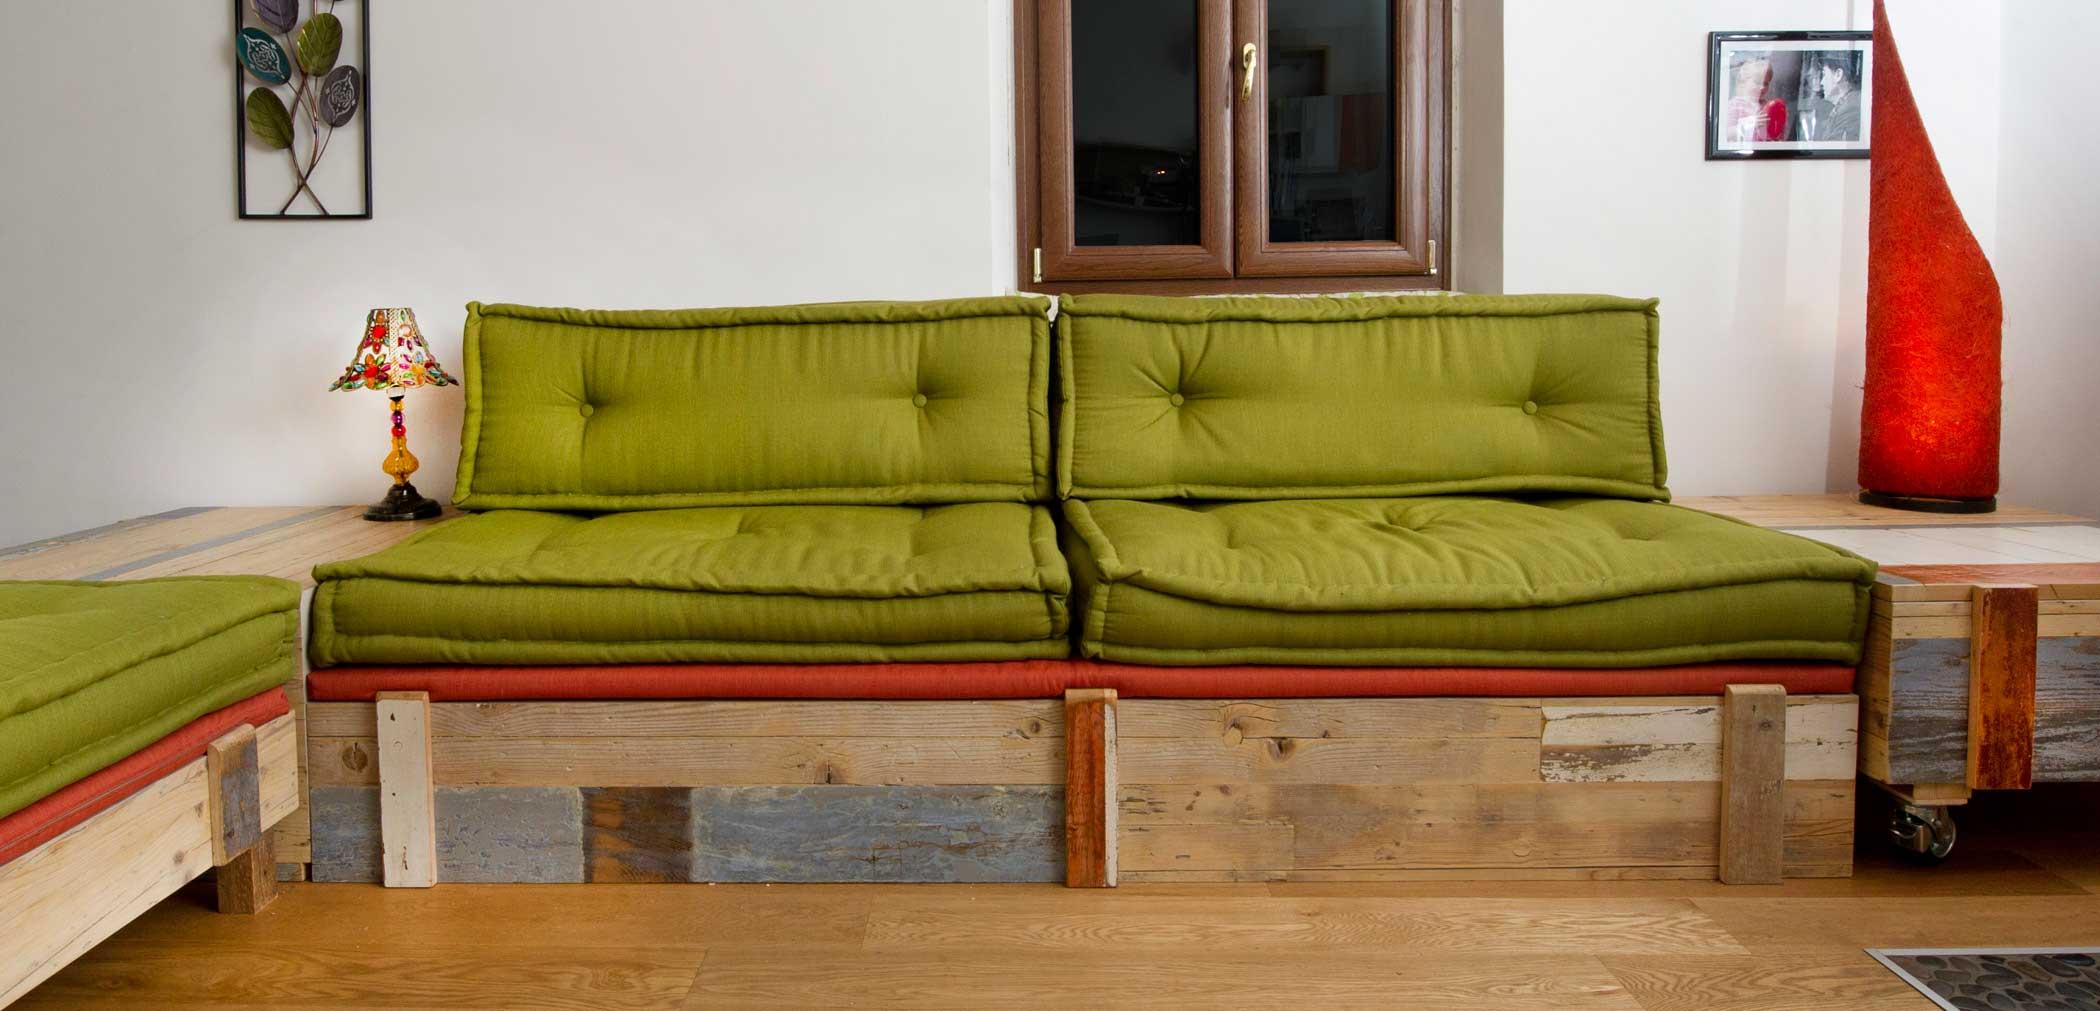 Sofa artigianale cucito a mano Abiuno